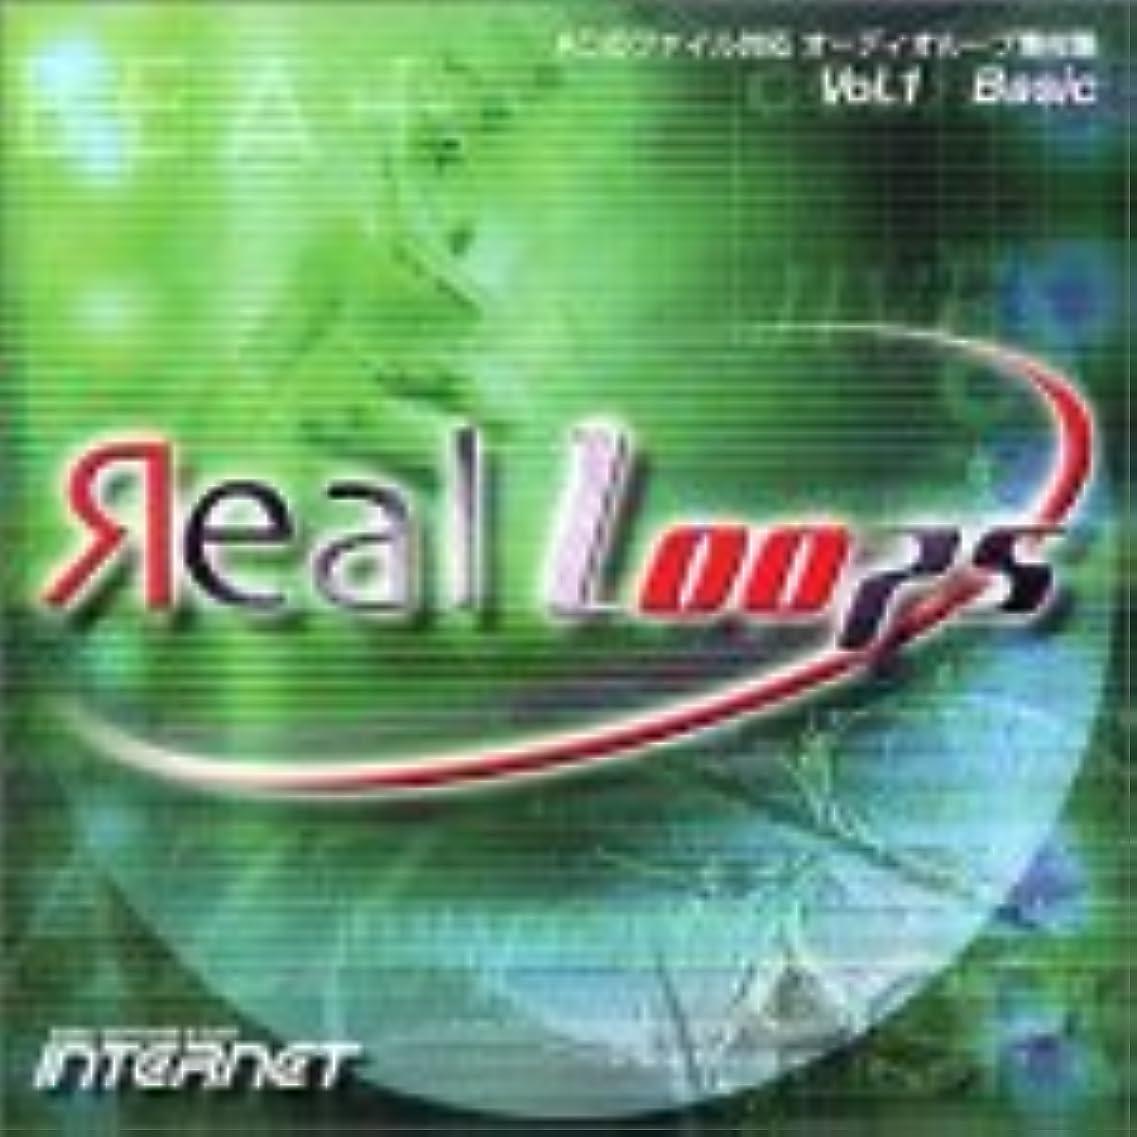 コンパイル原子聞くReal Loops Vol.1 Basic